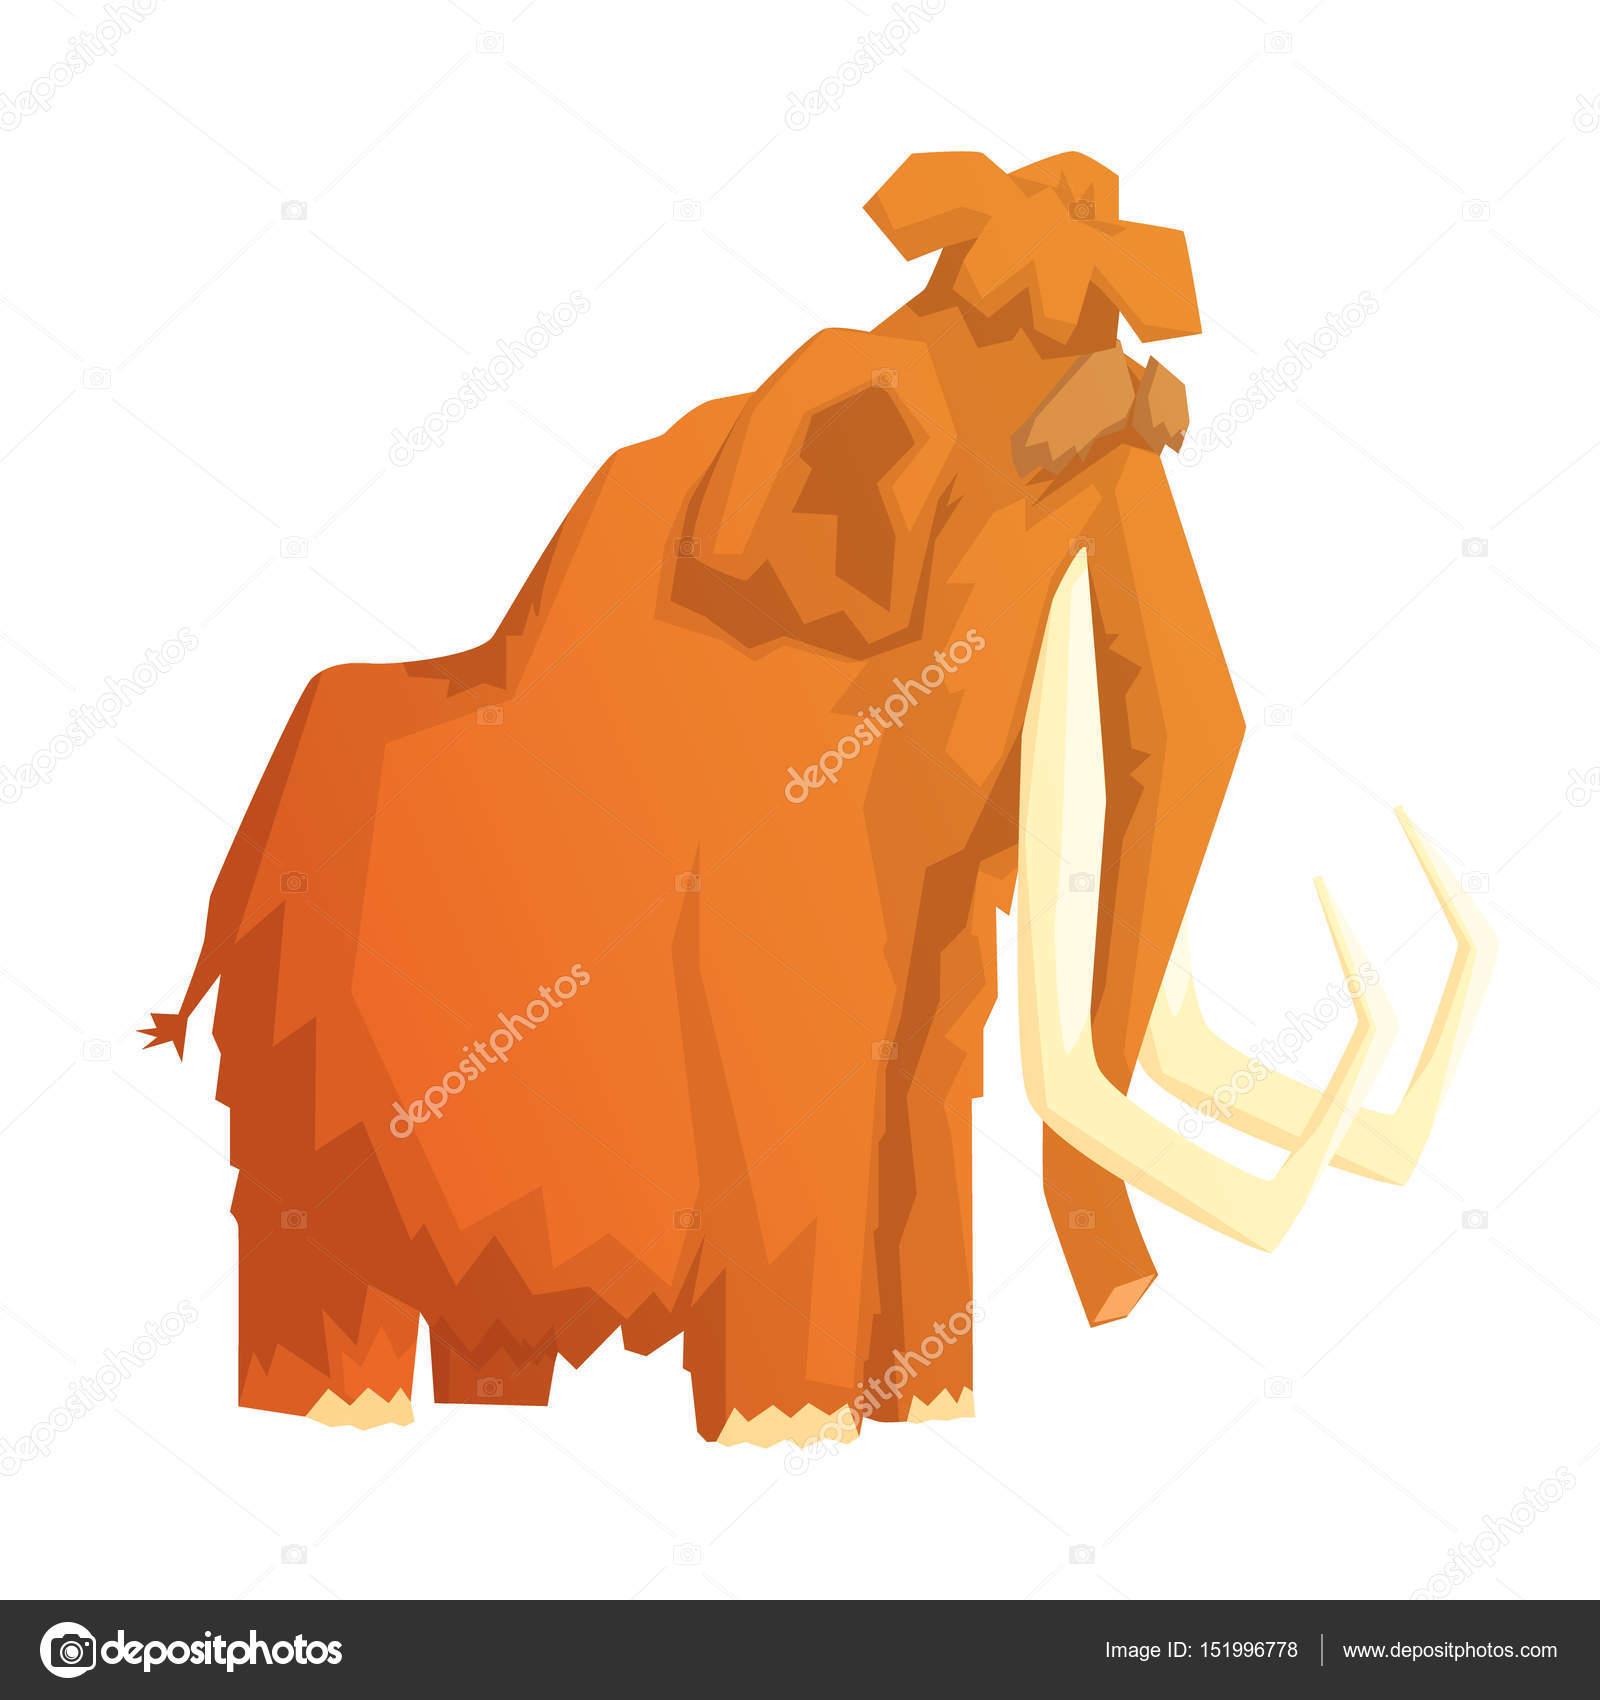 Mamut Memeli Buz Devri Soyu Tükenmiş Hayvan Renkli Vektör çizim